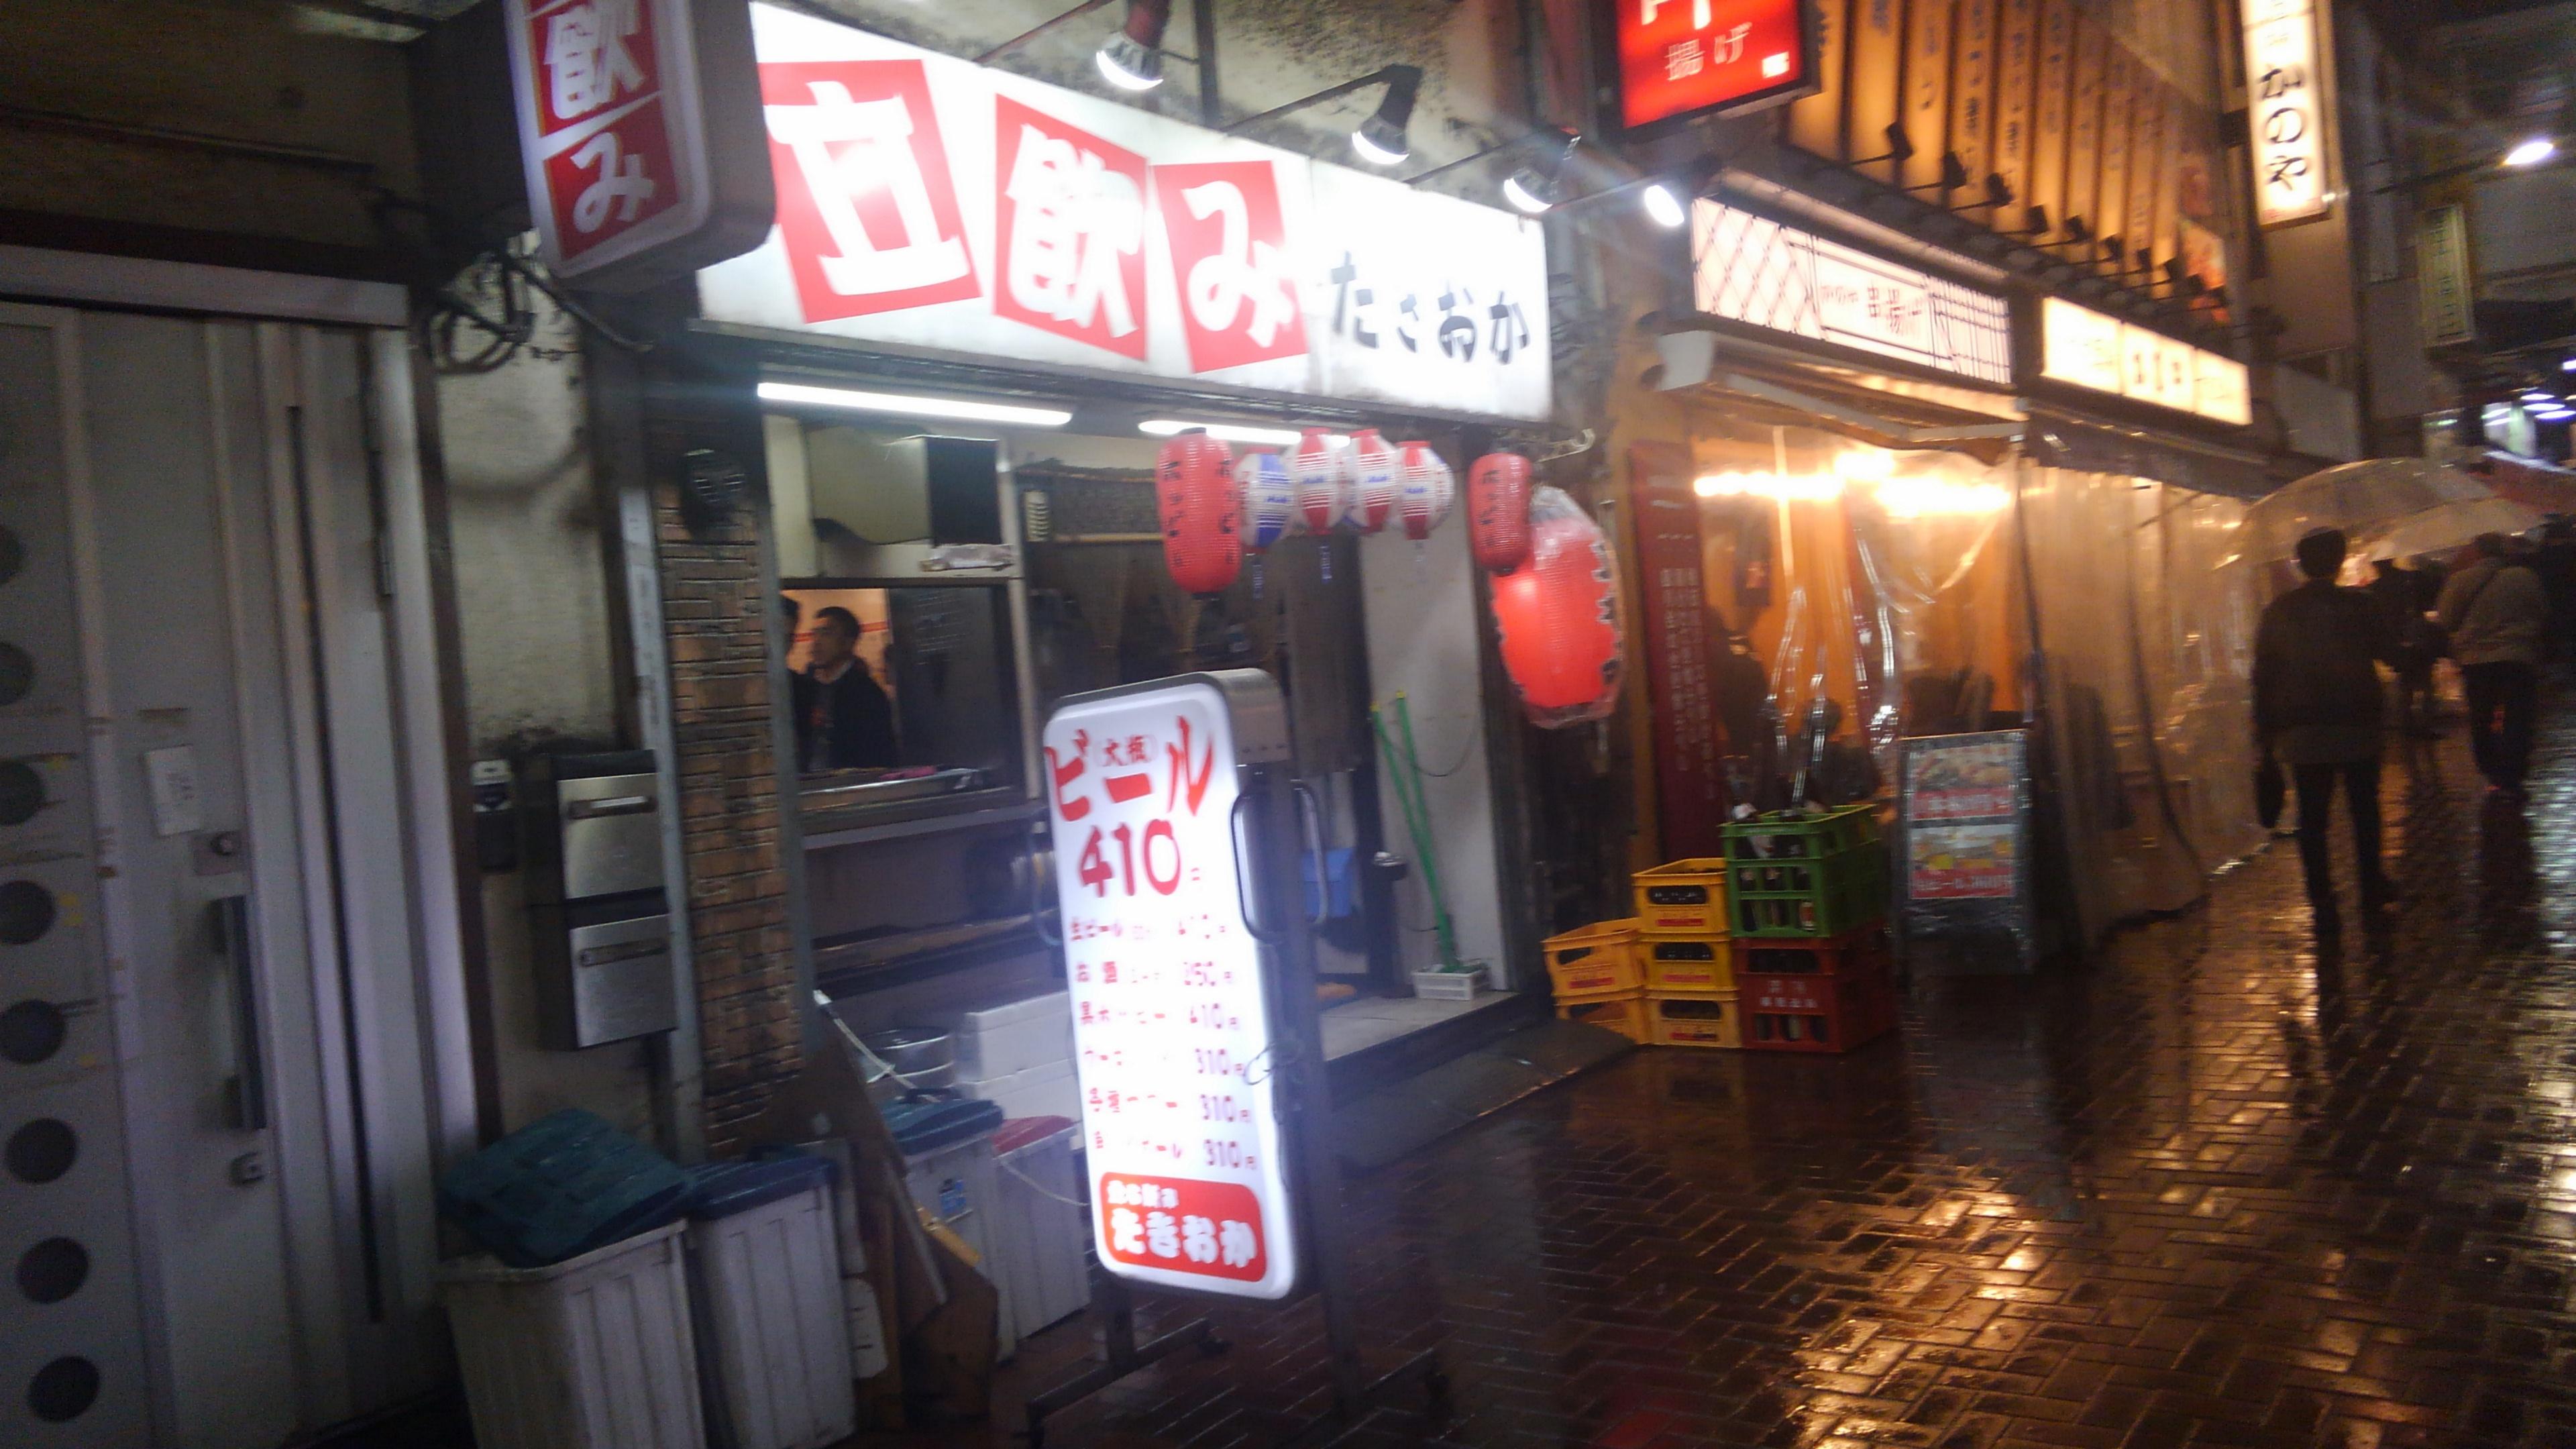 たきおか(上野) 上野の有名店は、安定した美味さ!